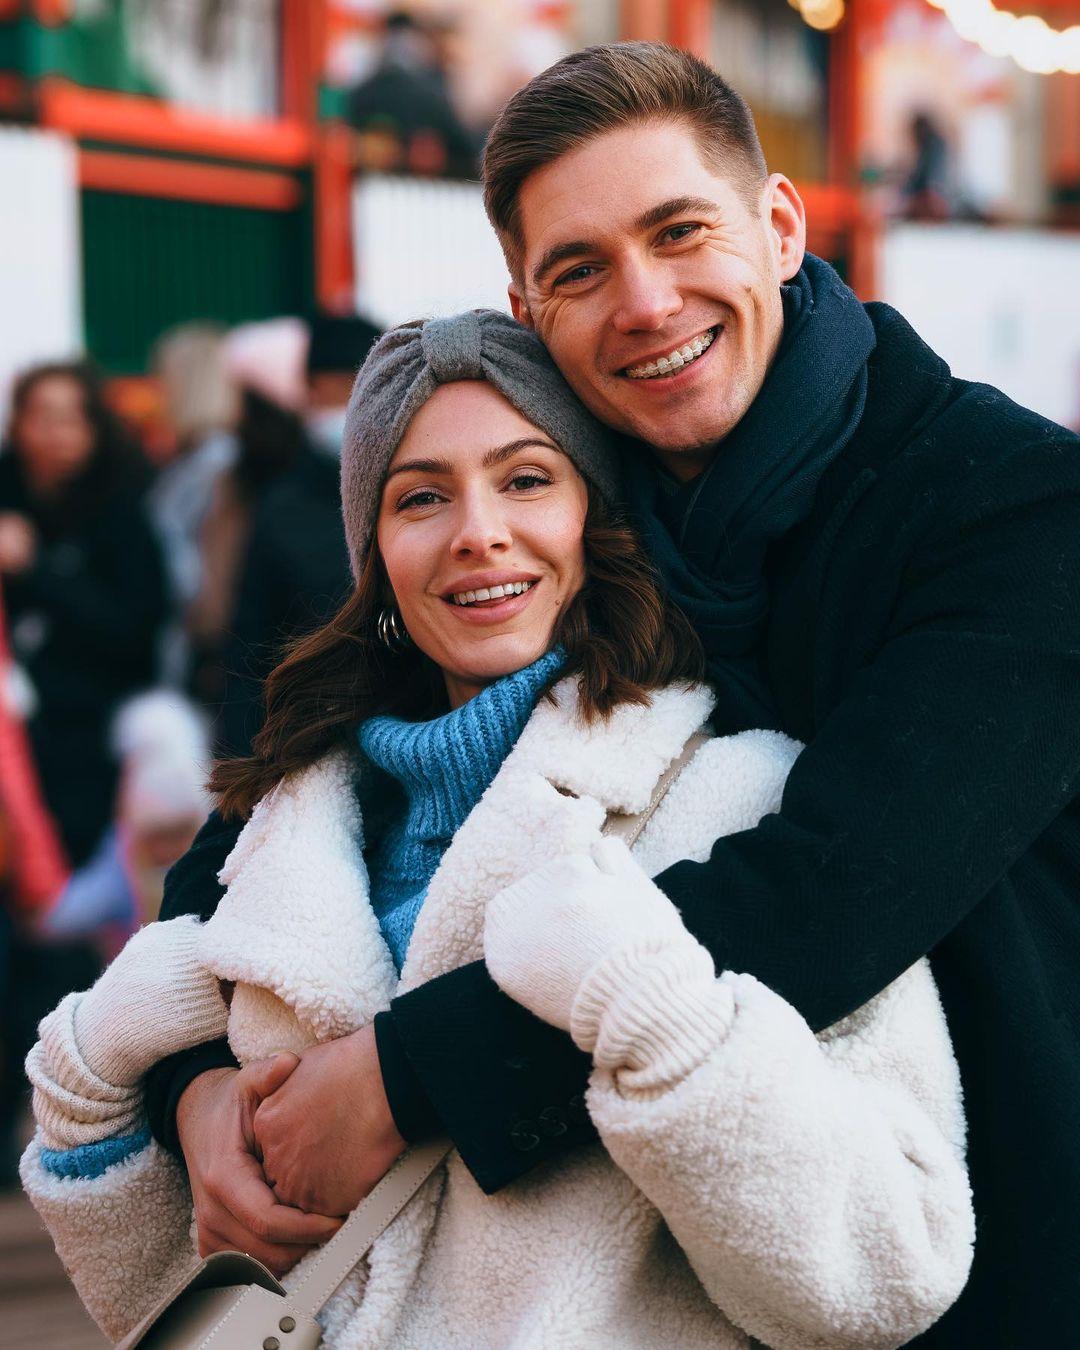 Жена Остапчука резко ответила хейтерам насчет ревности